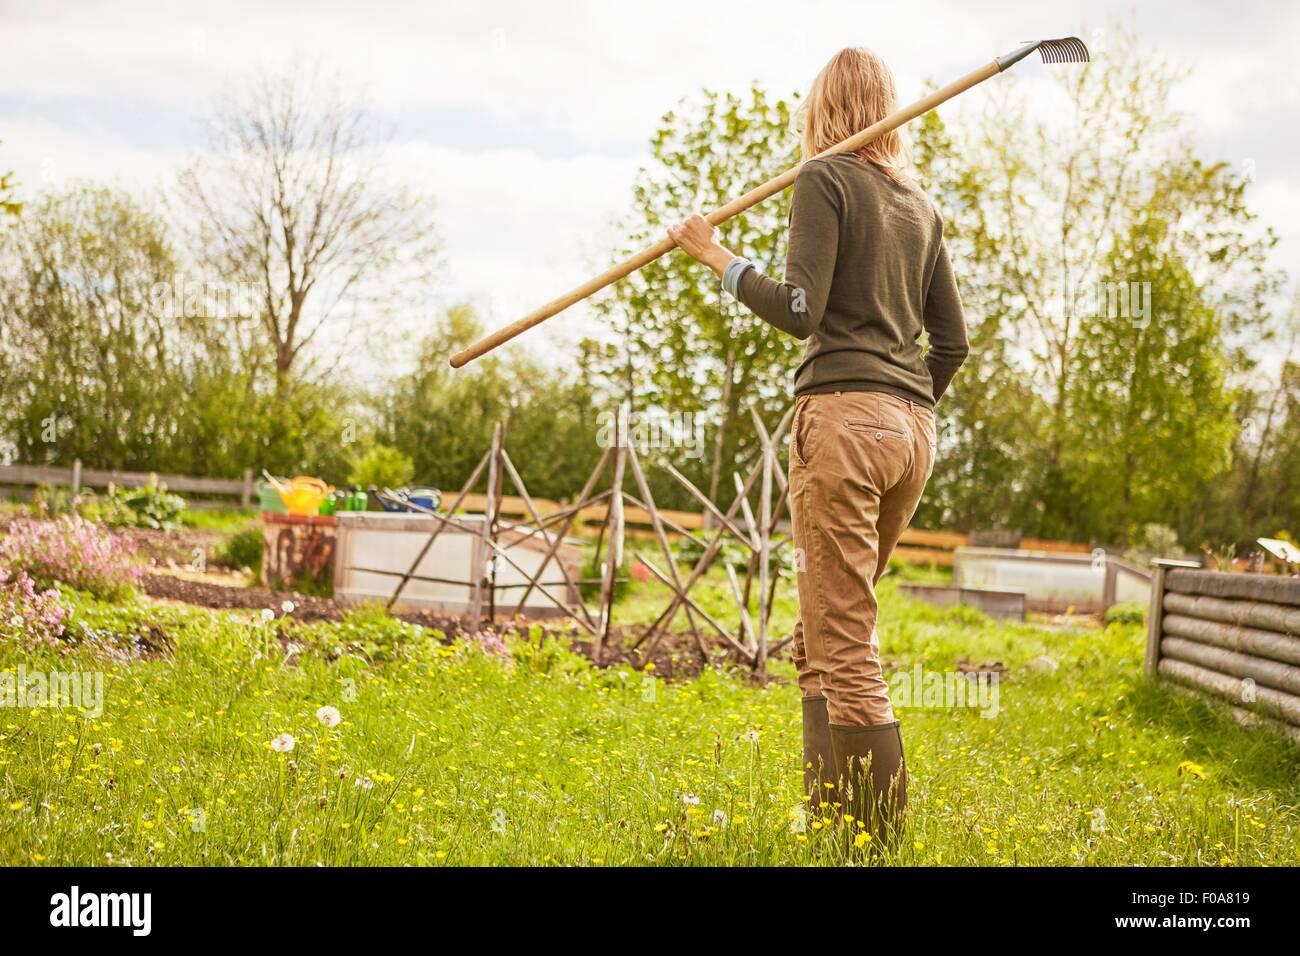 Femme mature, en plein air, jardinage, exerçant son râteau, vue arrière Photo Stock